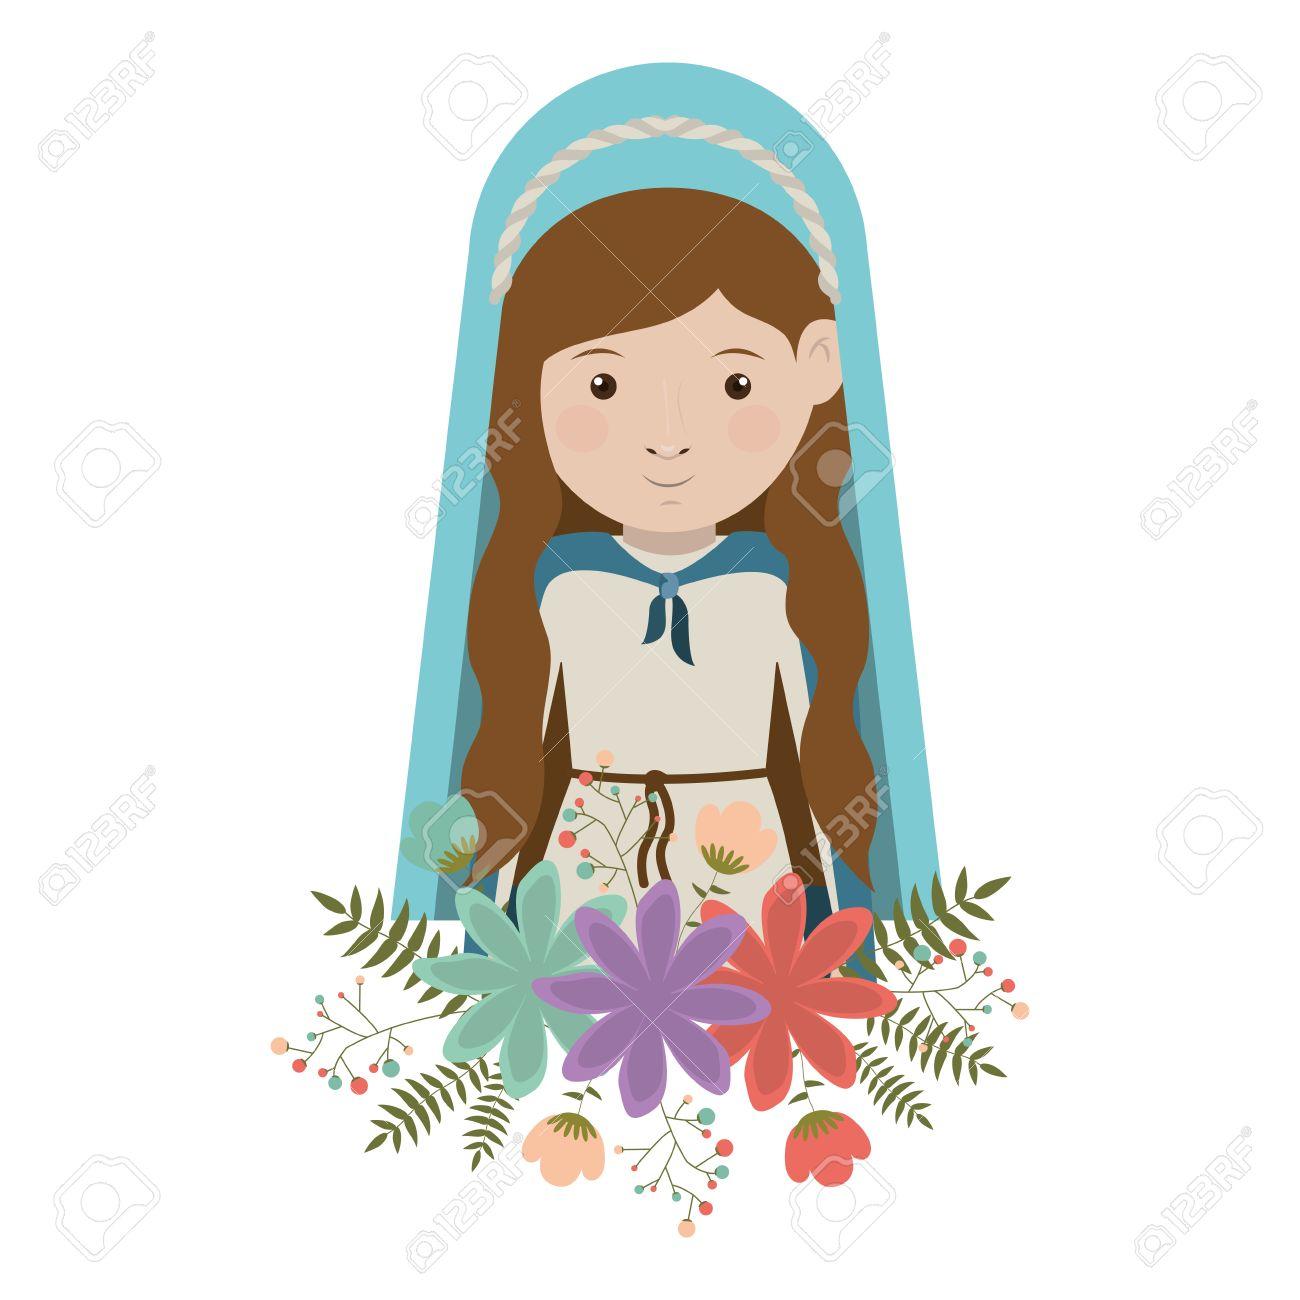 De Dibujos Animados Mujer Virgen María Sonriente Y Con Manto Azul Y